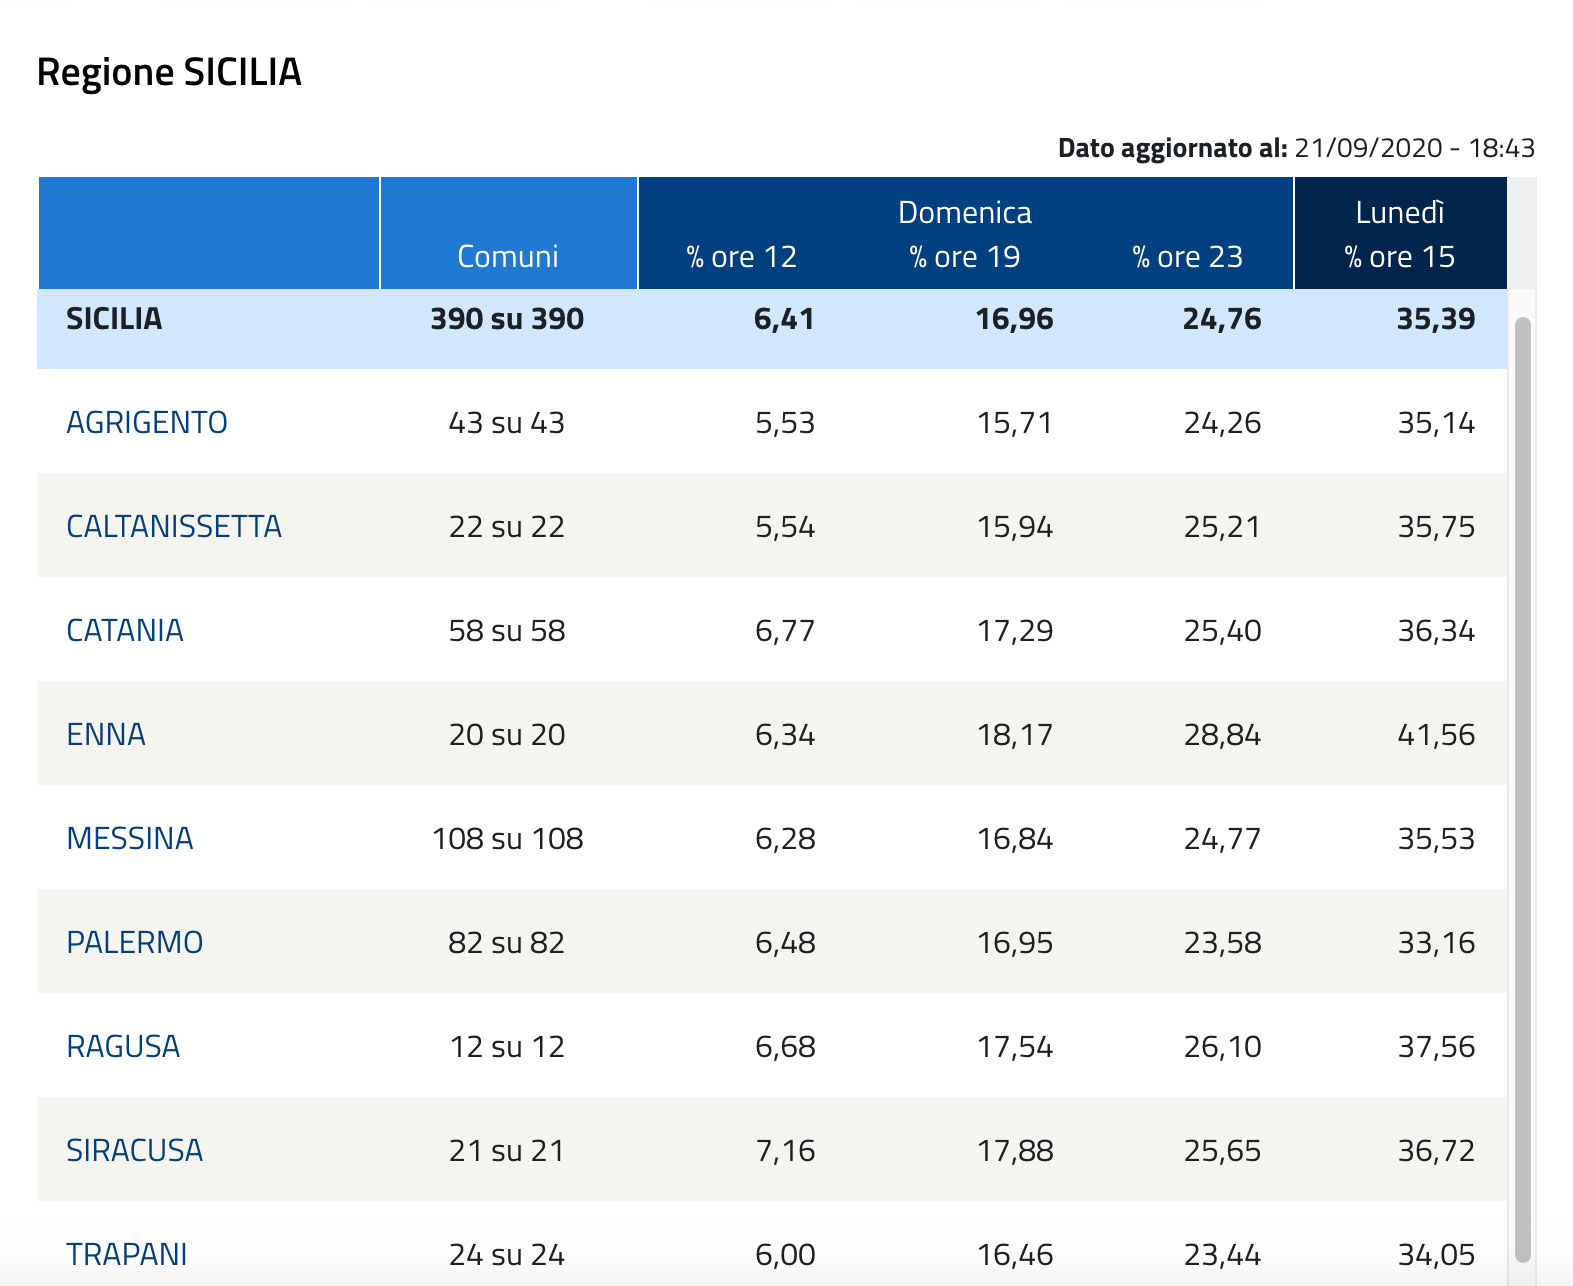 tabella con i dati dell'affluenza al referendum costituzionale 2020 sul taglio dei parlamentari in sicilia